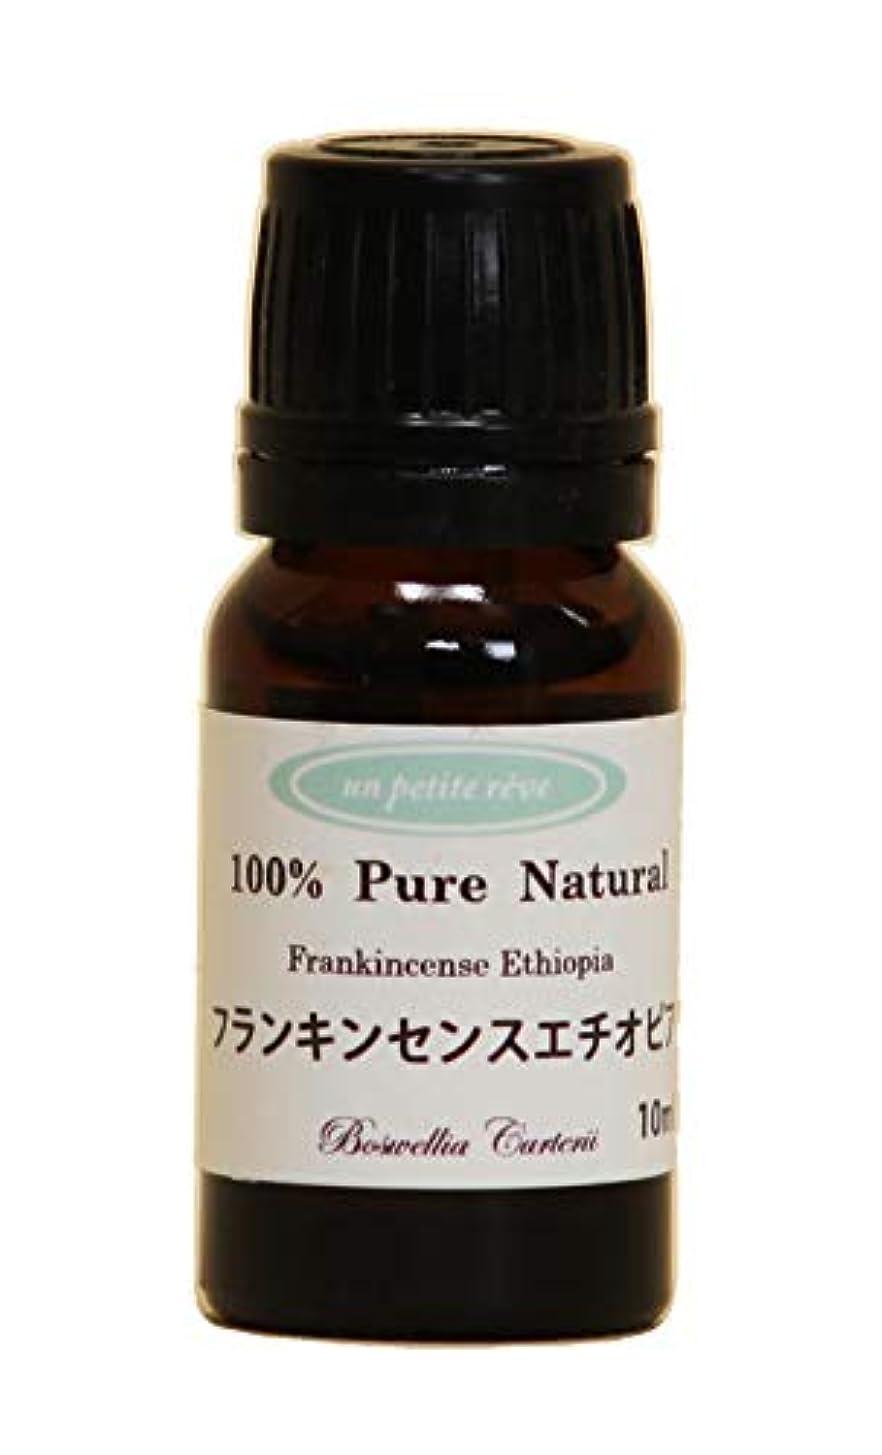 さわやかデコレーションオーナーフランキンセンスエチオピア 10ml 100%天然アロマエッセンシャルオイル(精油)